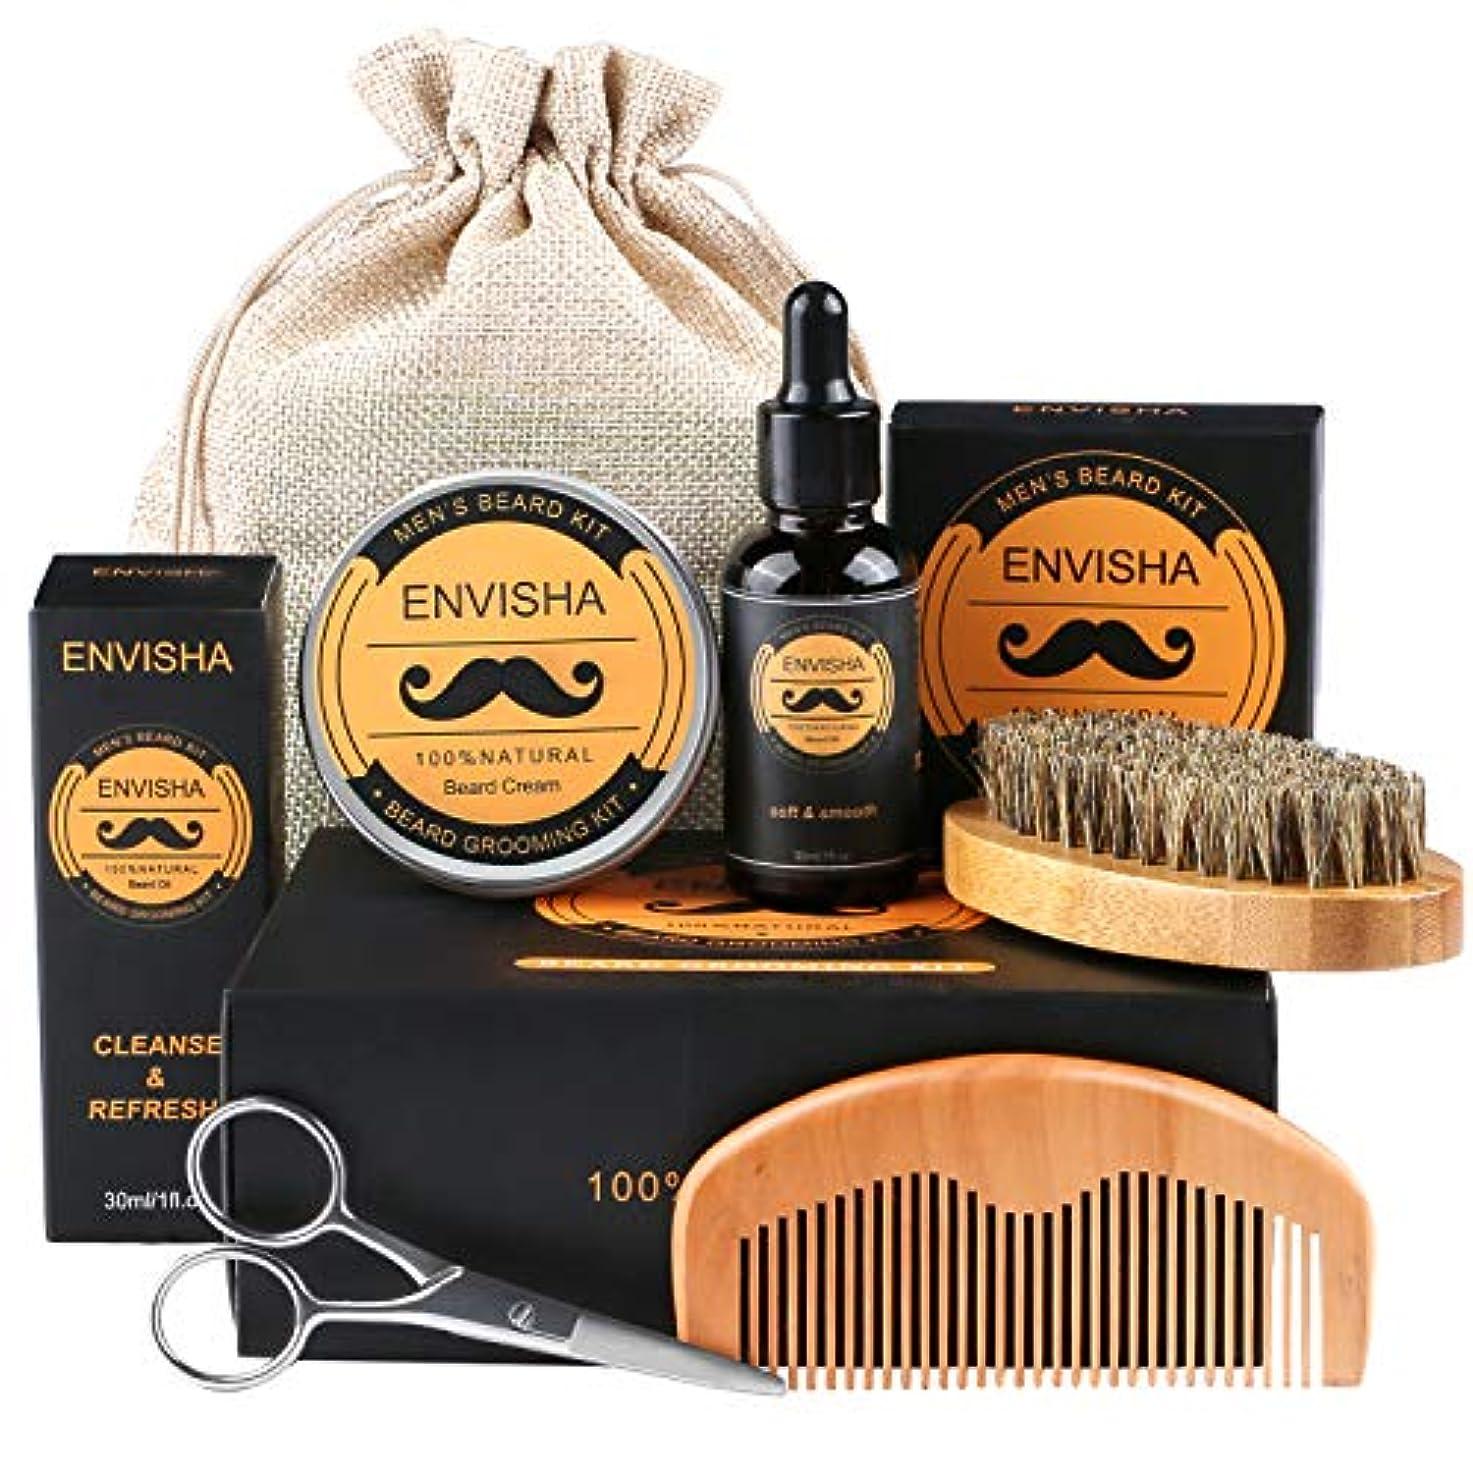 一握り証明する粘り強いBeard Kit、Fixget Beard Care Kit(無料のひげの手入れとトリミングキット付き)100%のイノシシのひげのブラシ、木のひげの櫛、ひげ、男性のための口ひげのはさみお父さん夫